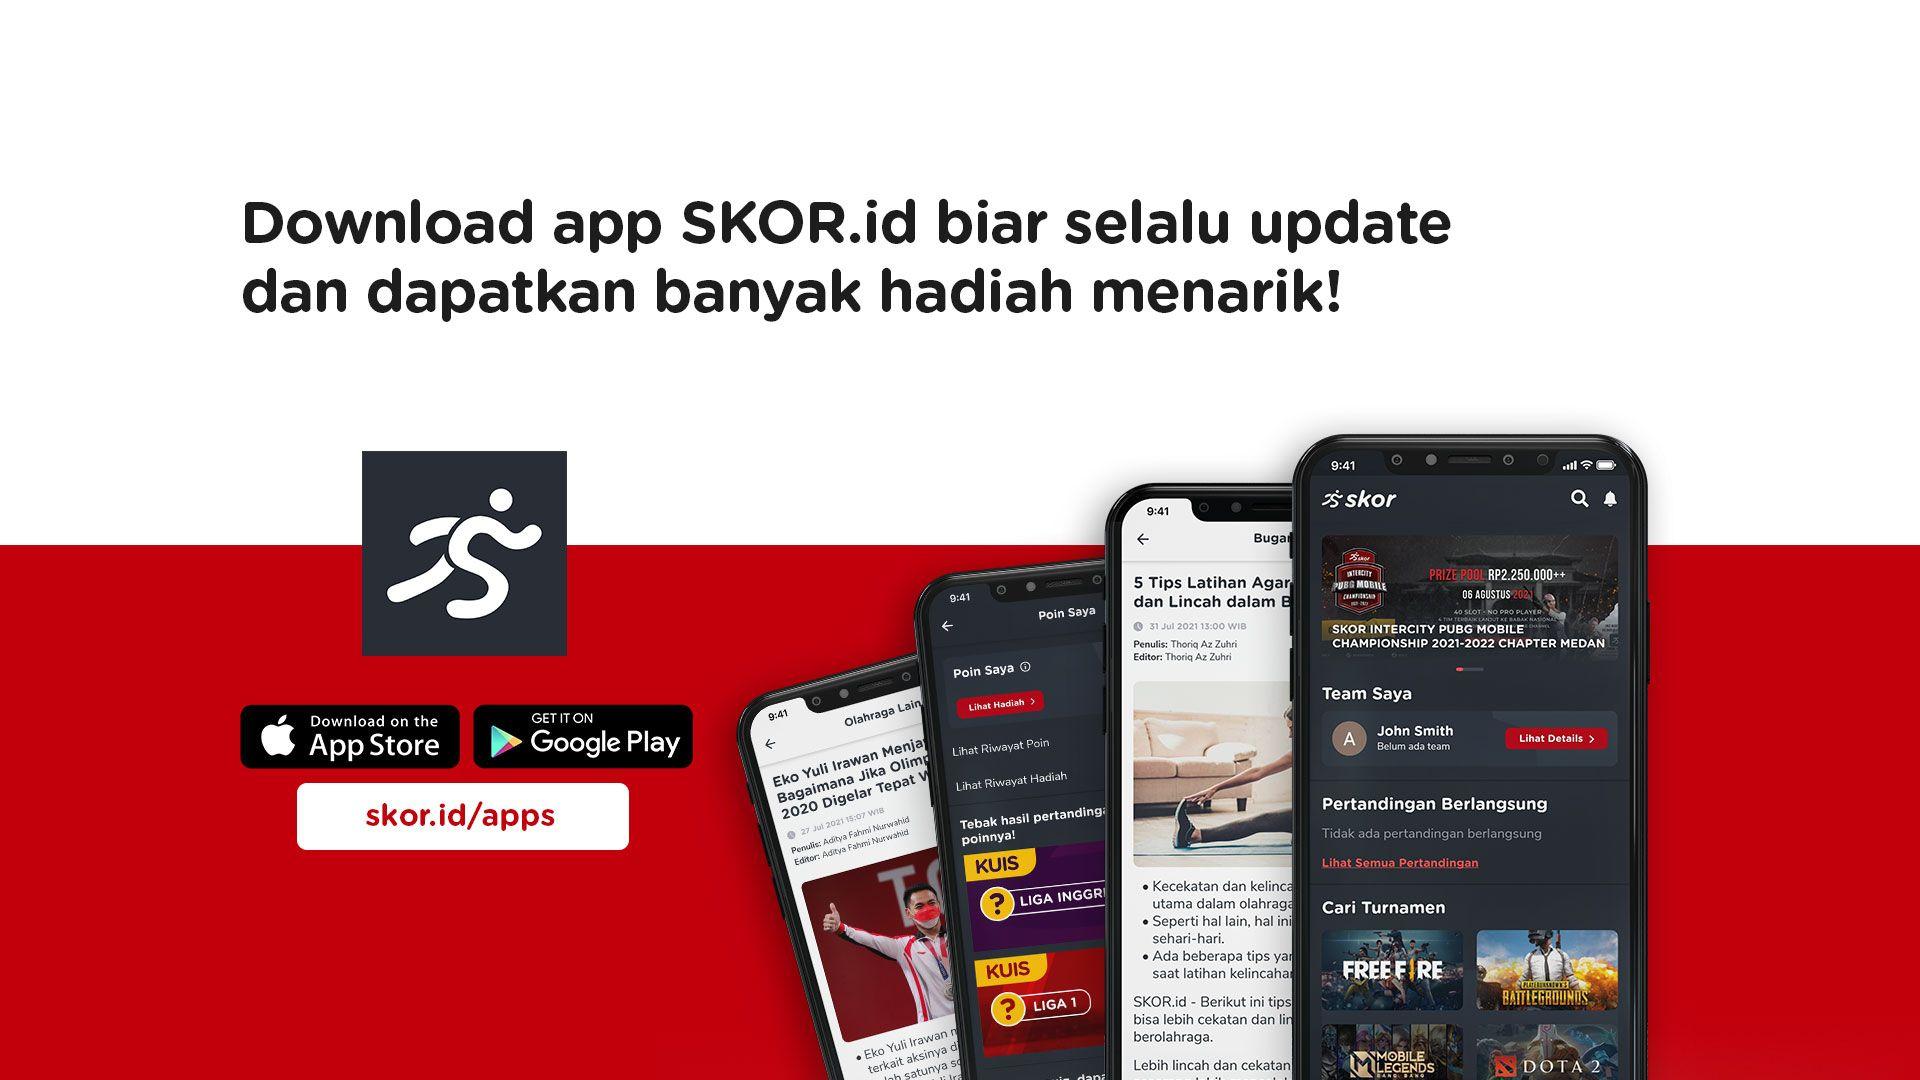 Download aplikasi Skor.id agar selalu update informasi olahraga, kesehatan, dan wellness.